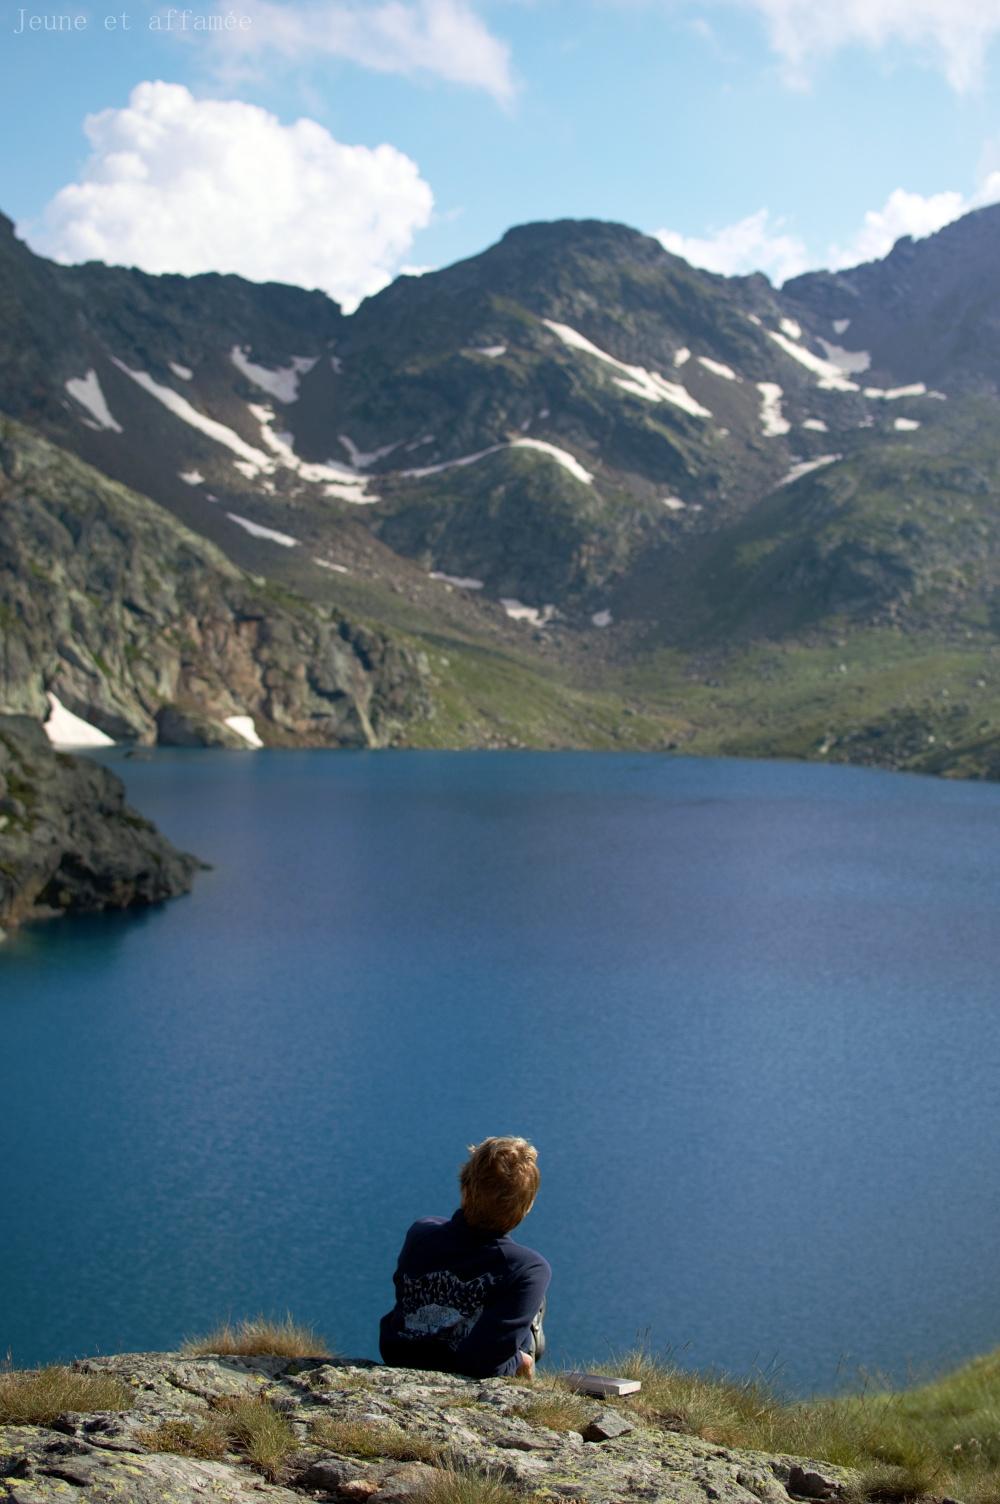 Femme de dos devant l'étang Fourcat, montagnes au fond avec quelques traces de neige